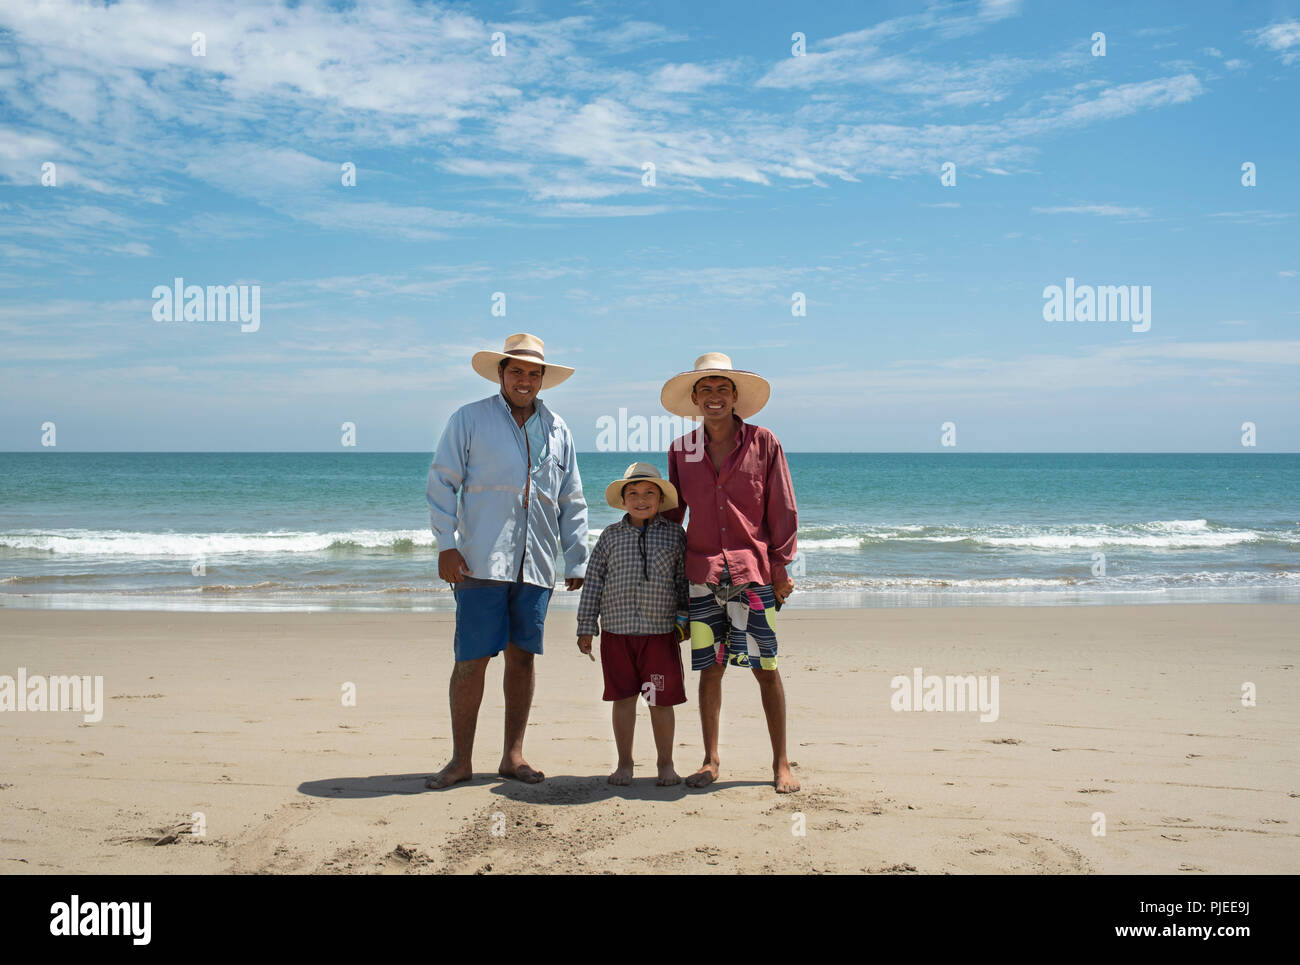 Drei peruanischen Jungs in kurzen Hosen, Hemden und Strohhüte. Umwelt Portrait auf Vichayito Beach in der Nähe von Mancora, Peru. Nur für den redaktionellen Gebrauch bestimmt. Aug 2018 Stockbild